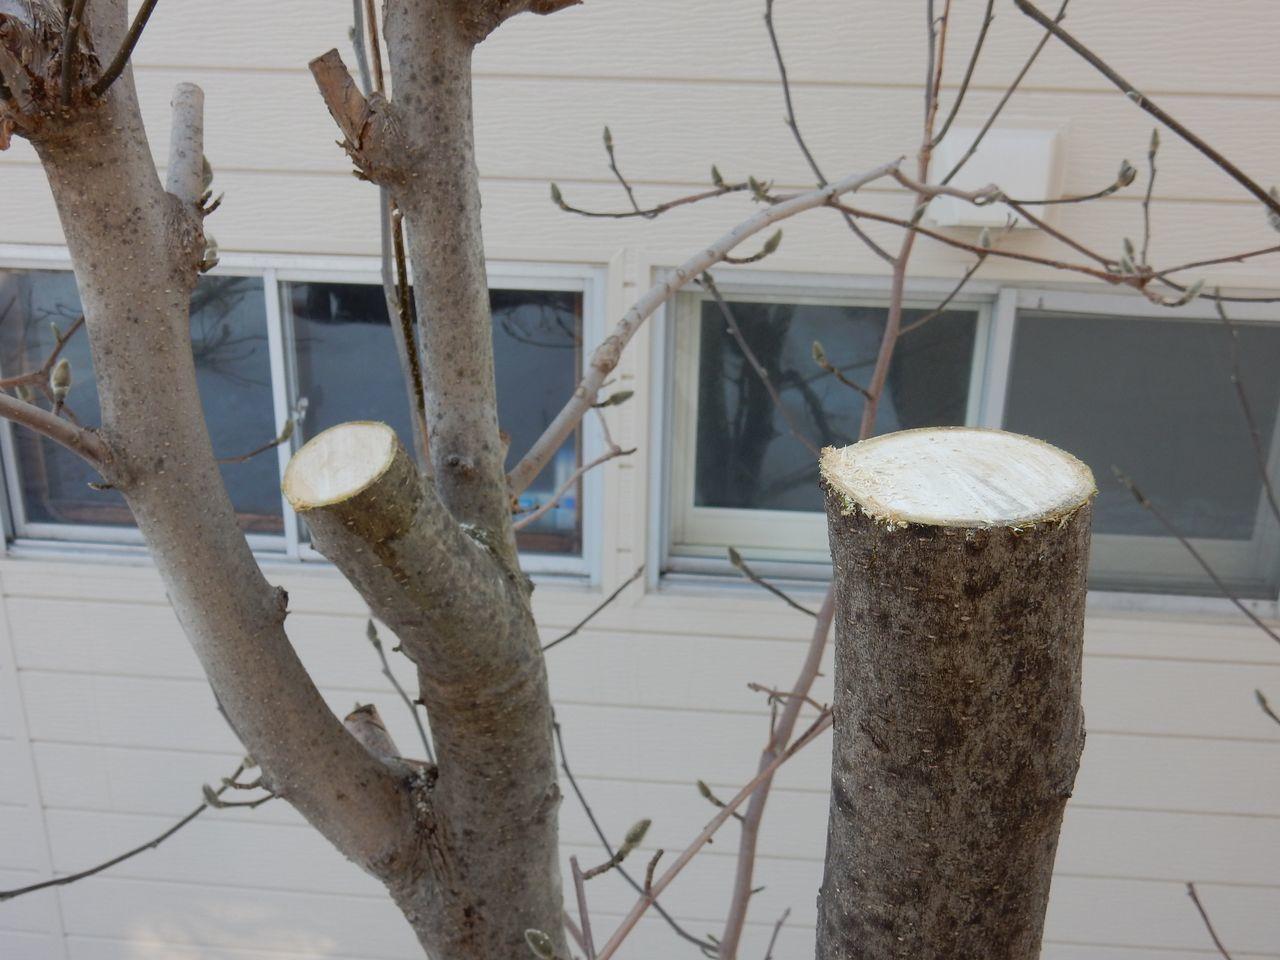 雪の深いうちにモクレンの太い枝を剪定する_c0025115_21540993.jpg